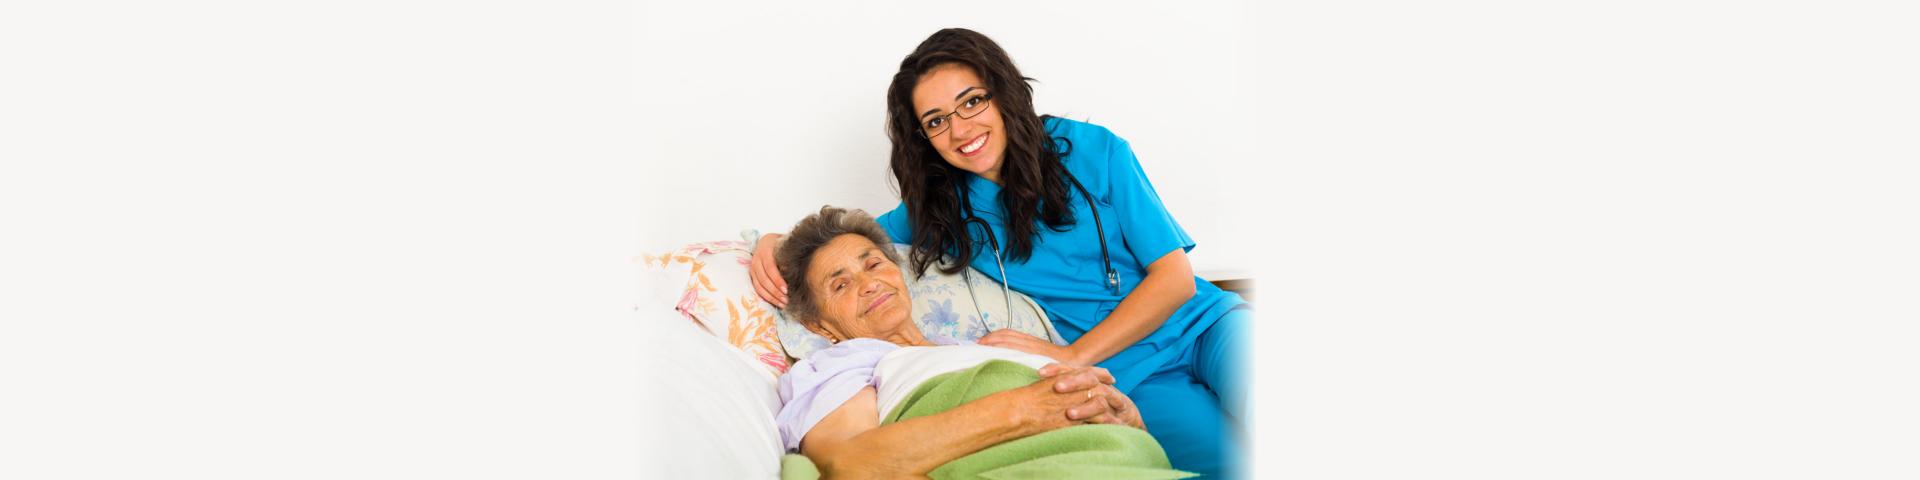 Smiling nurse caring for kind elder patient in nursing home